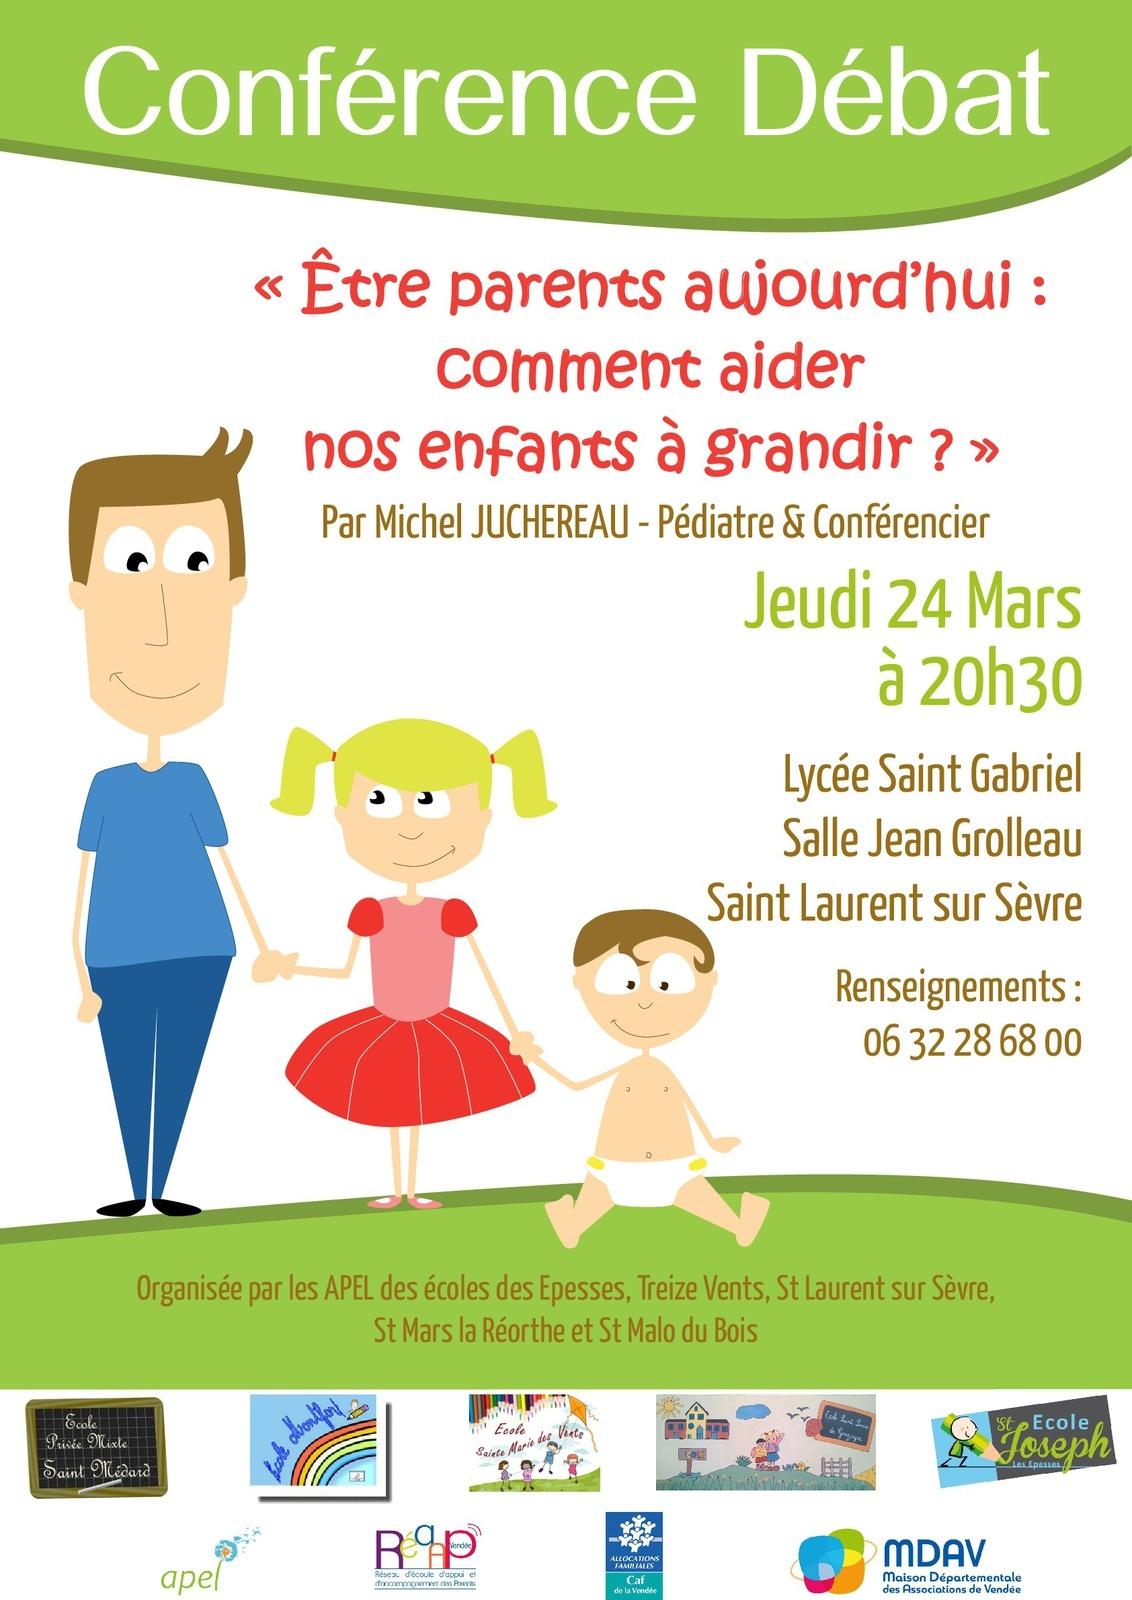 """""""Etre parents aujourd'hui !"""" Le 24 Mars Prochain"""